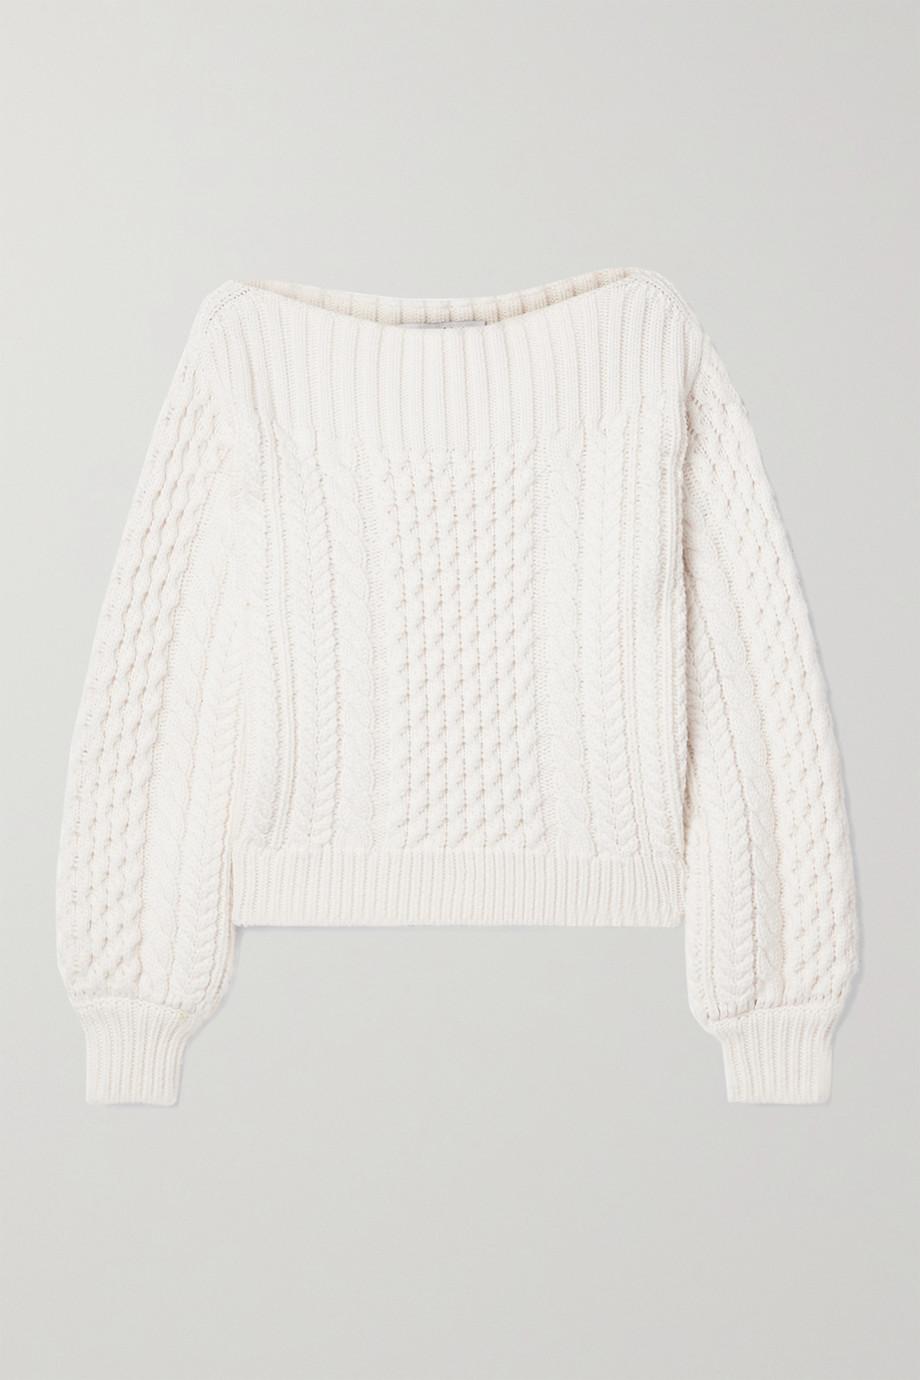 Proenza Schouler White Label Pullover aus einer Wollmischung mit Zopfstrickmuster